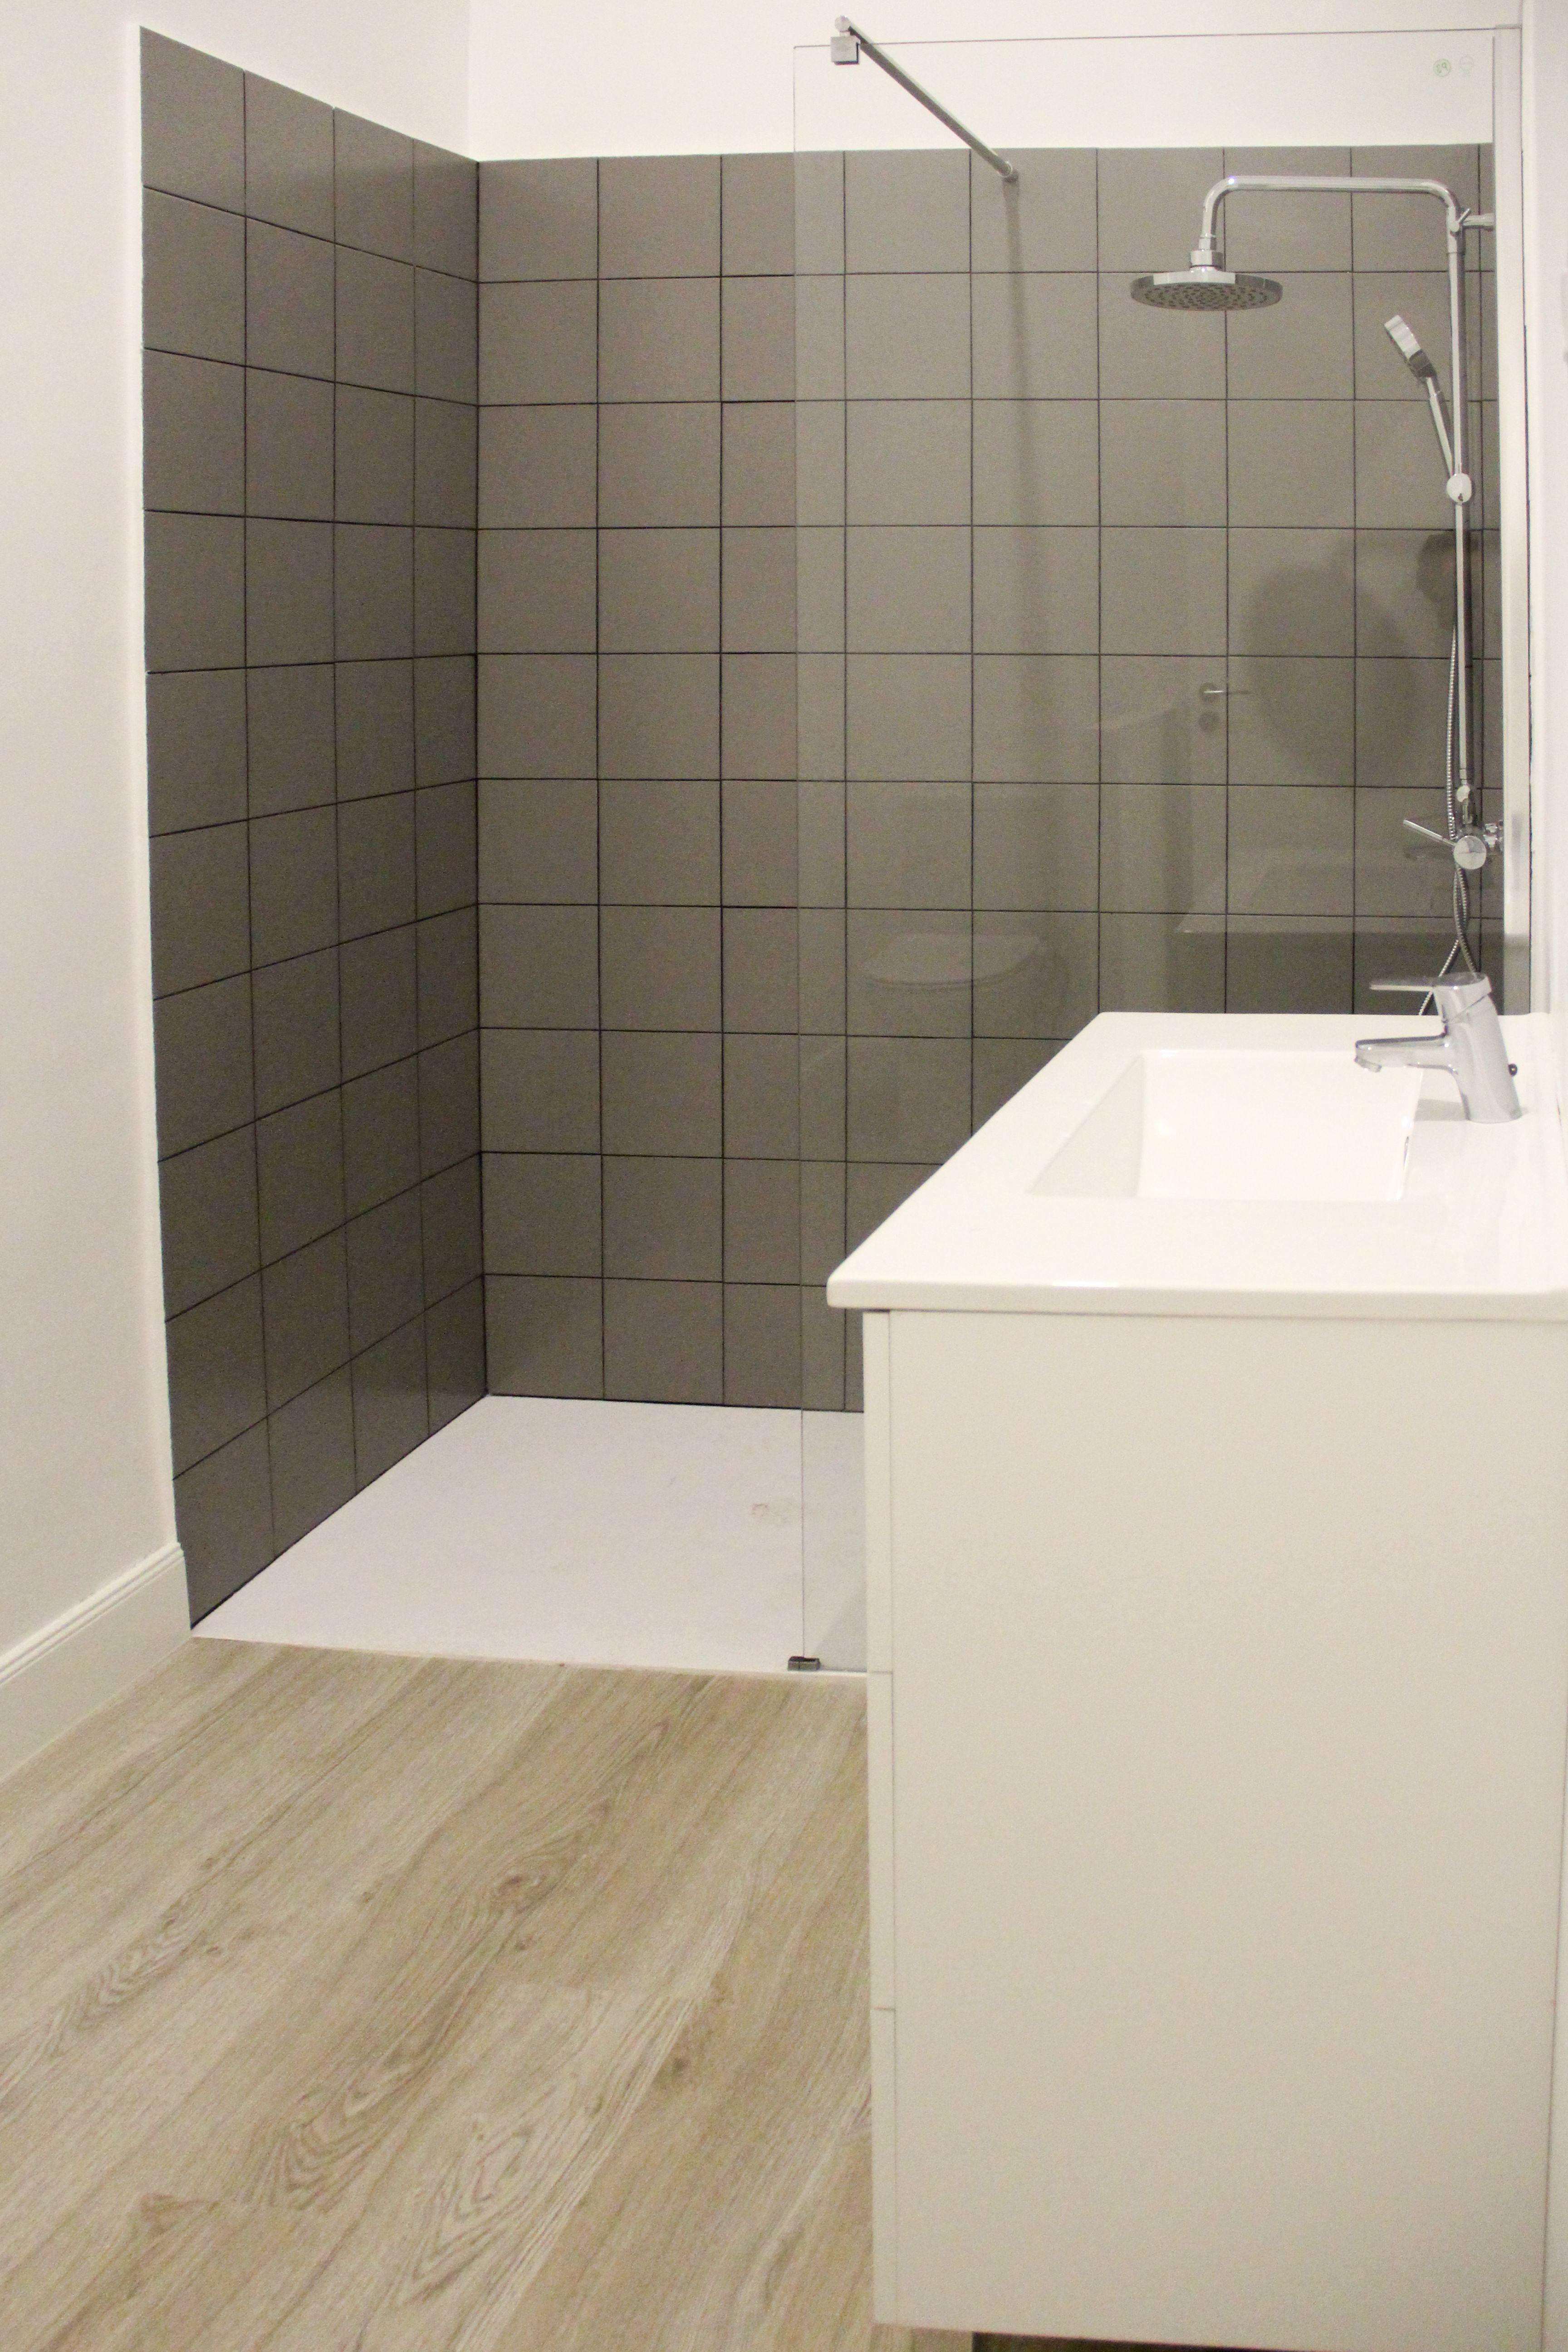 Si quieres reformar tu baño, llama a Reformas Namoc